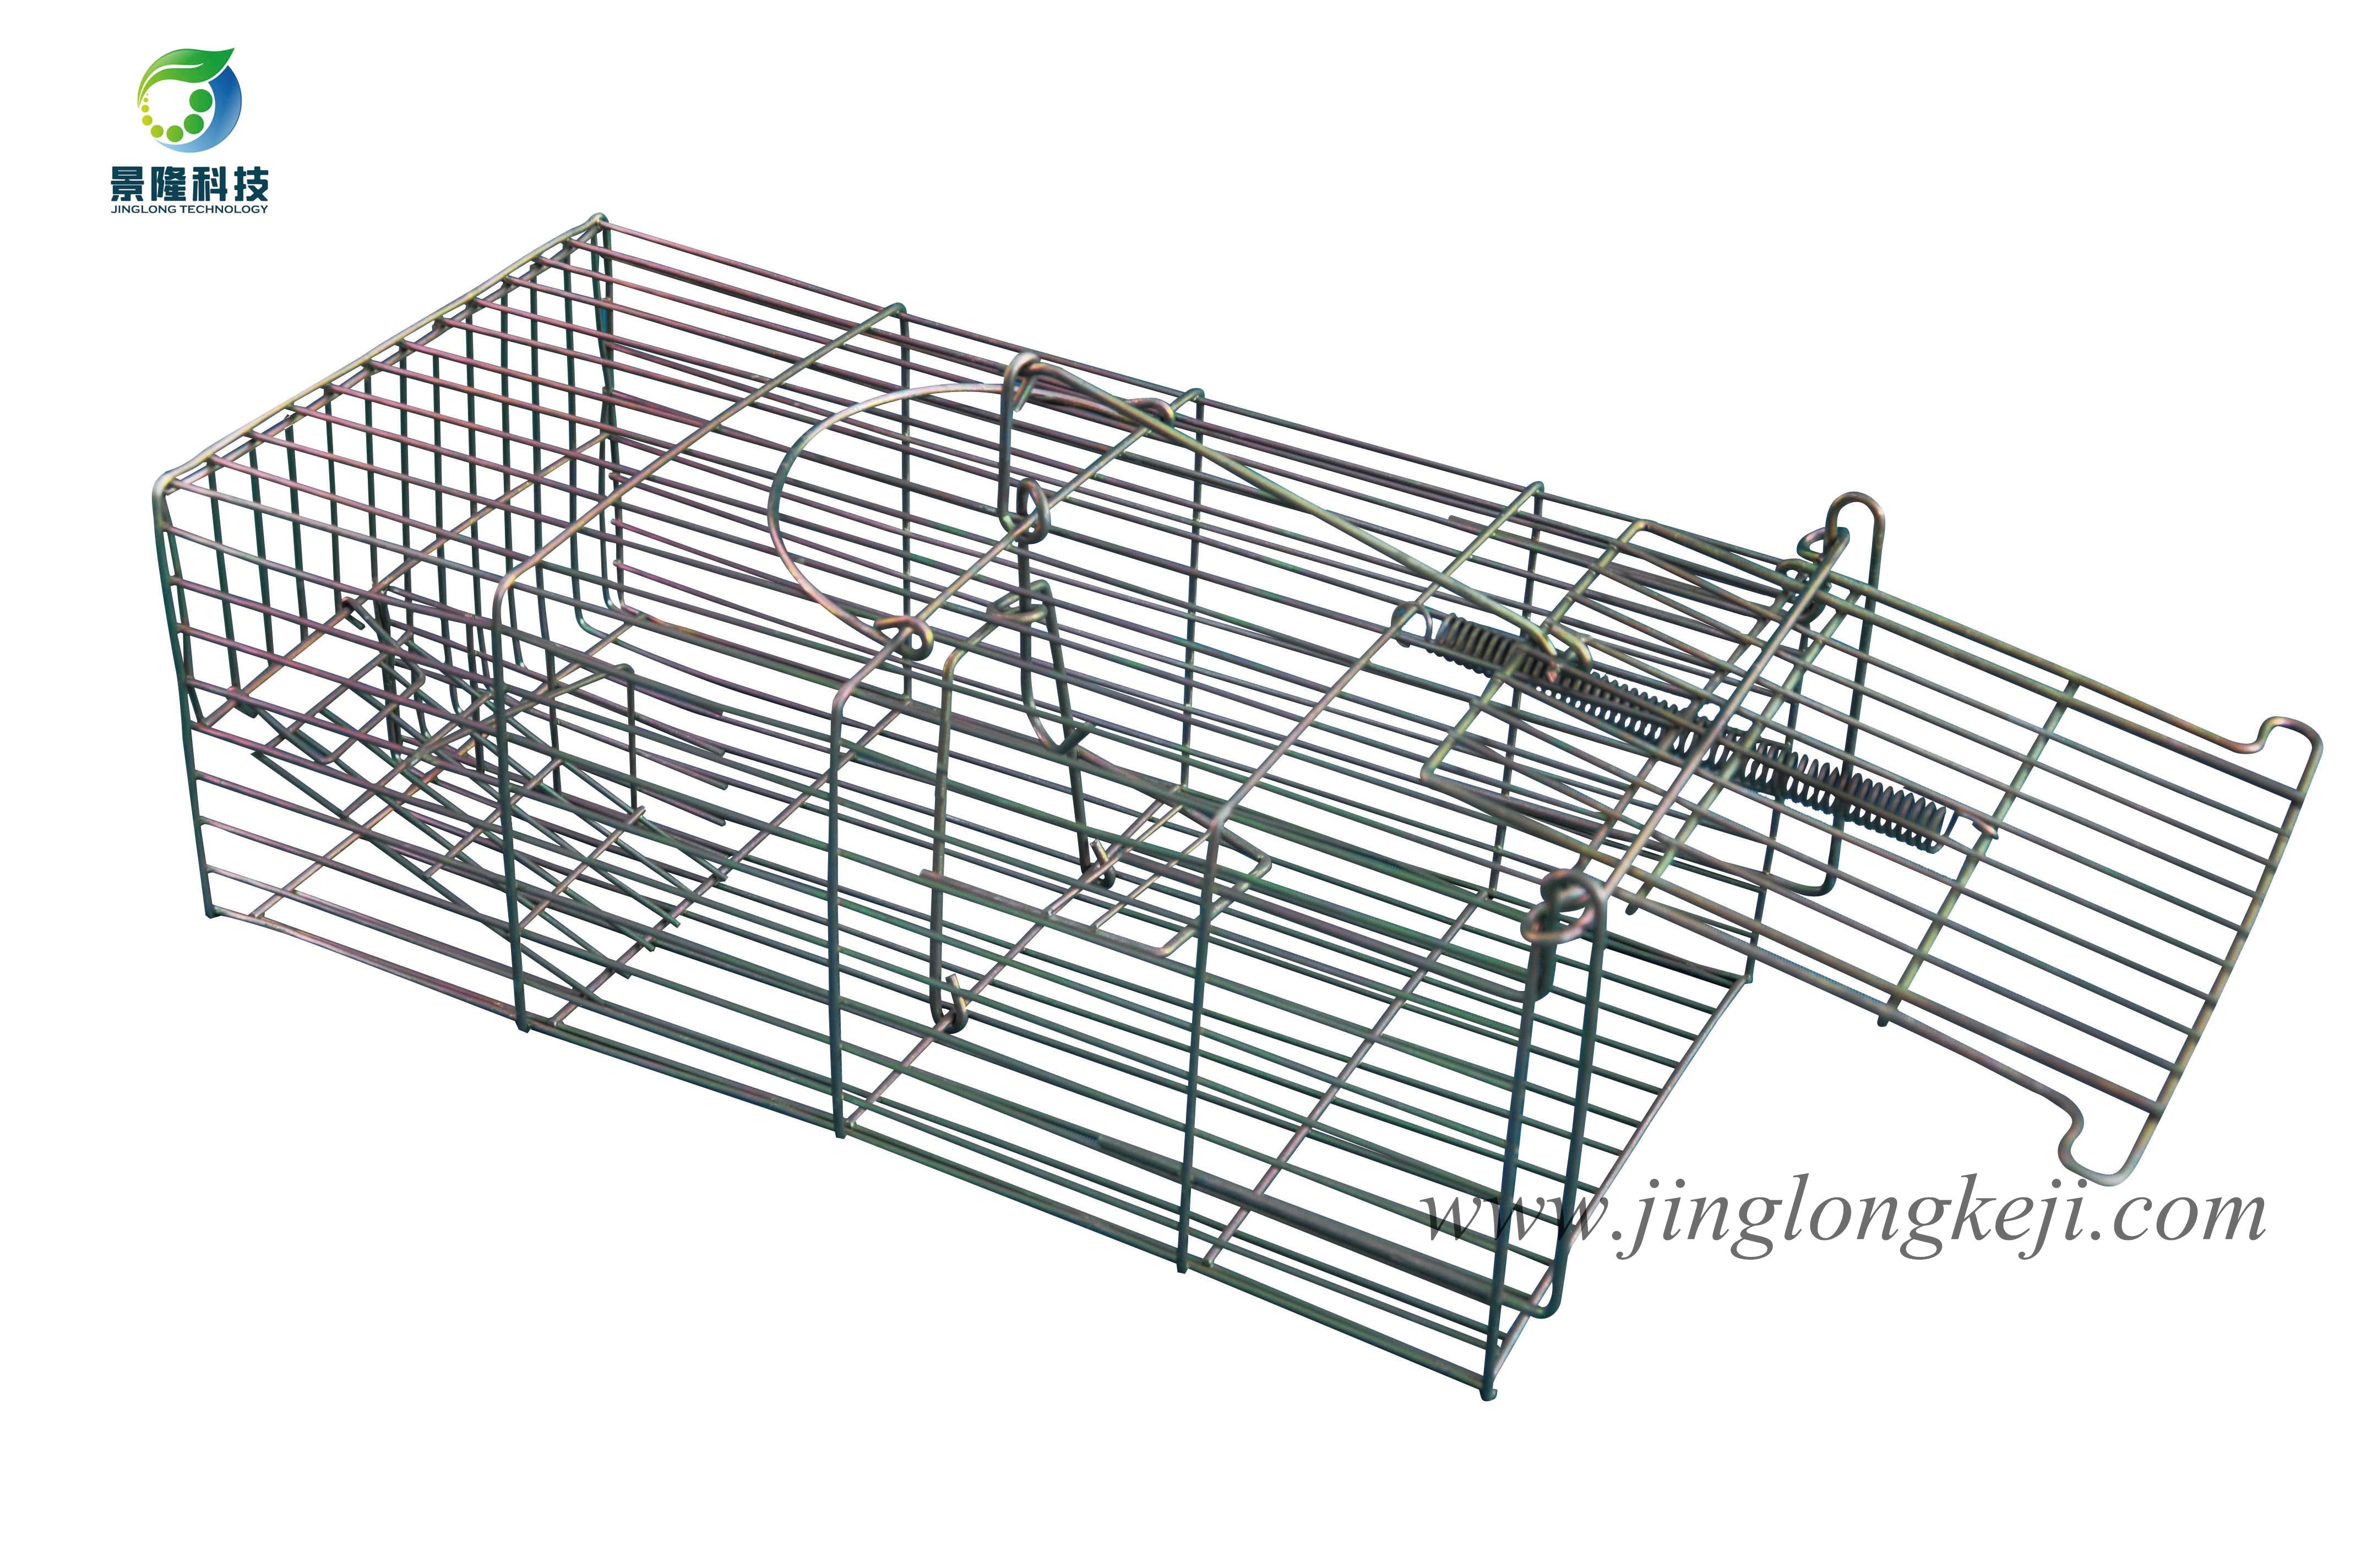 景隆JL-2001镀彩锌捕捉笼 松鼠笼 捕鼠笼